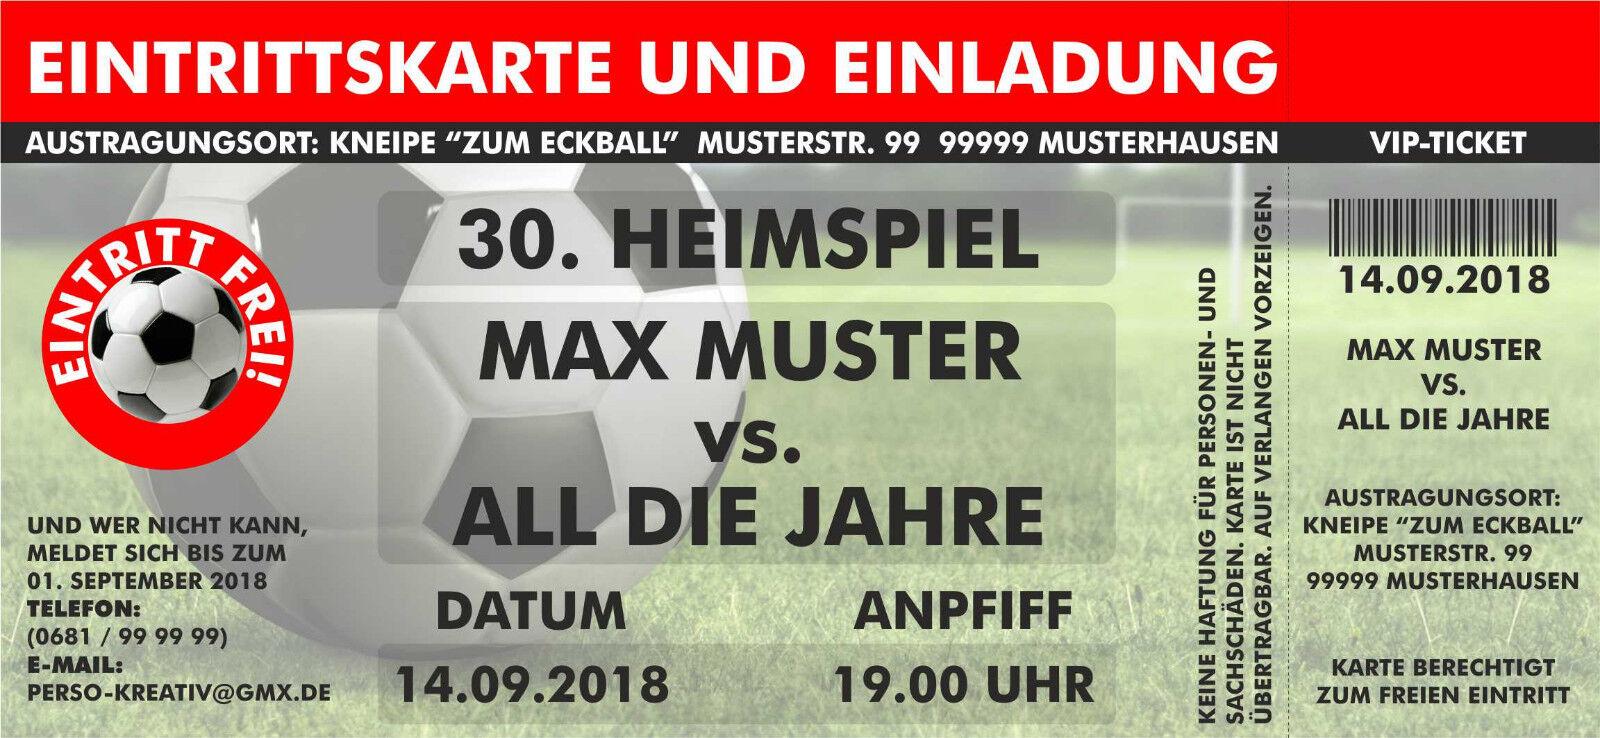 Einladungskarten Fußball Lieblingsverein Geburtstag   Deutschland Online Shop    Shop Düsseldorf